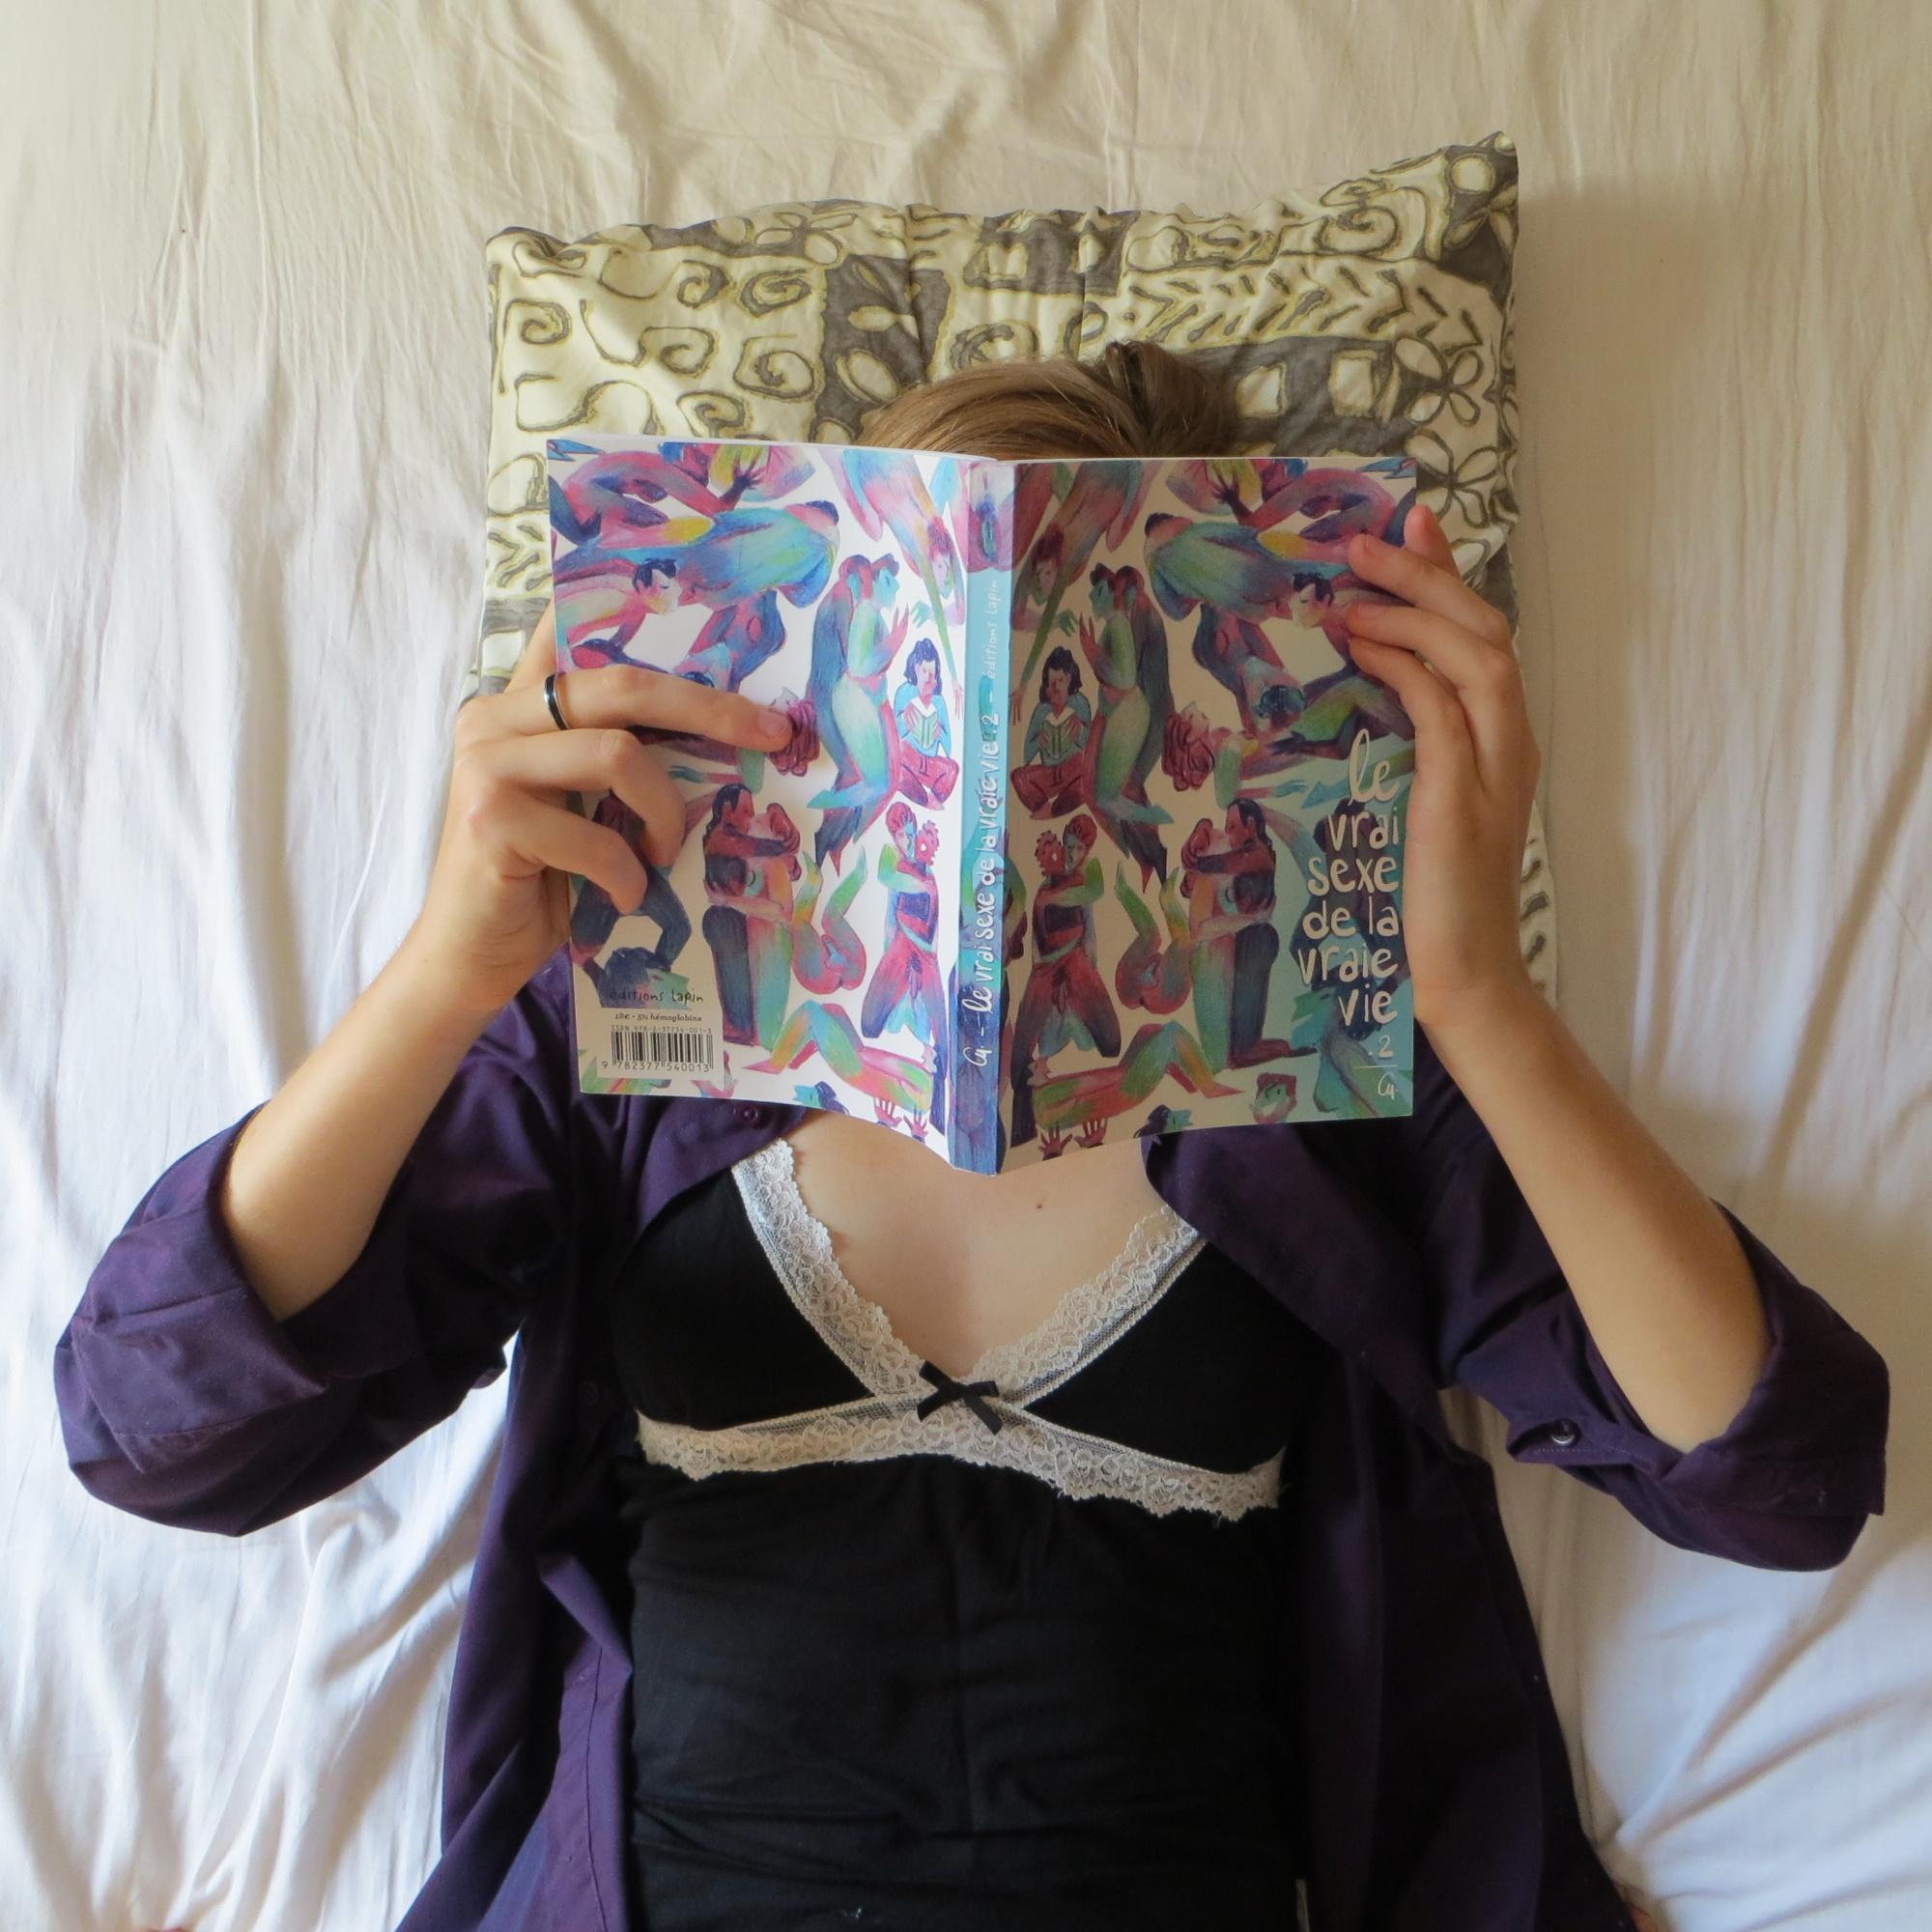 personne en nuisette et chemise lisant Le vrai sexe de la vraie vie tome 2 de Cy dans son lit